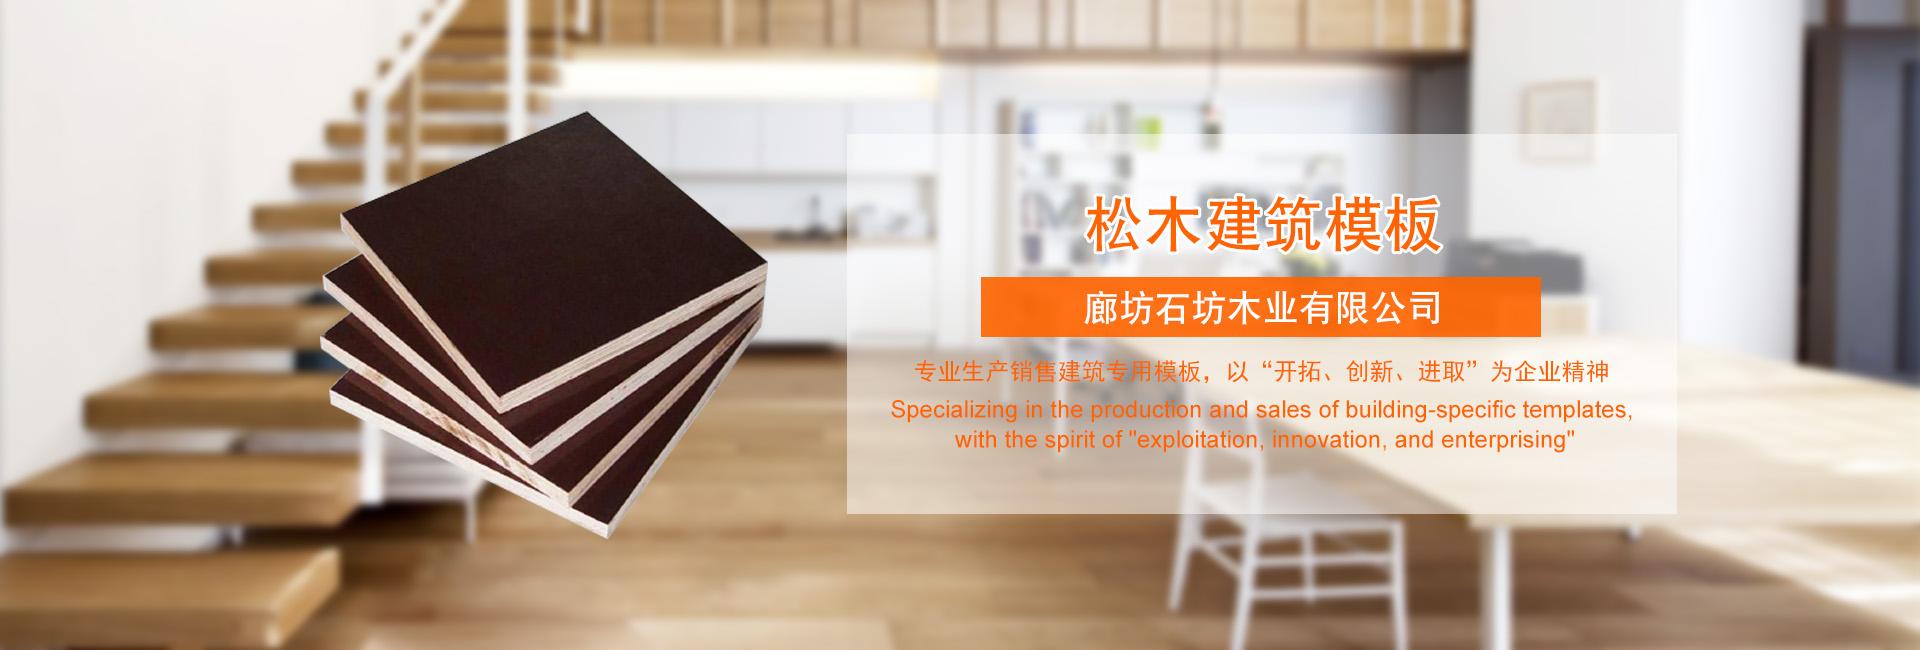 工地建筑模板,建筑模板供应